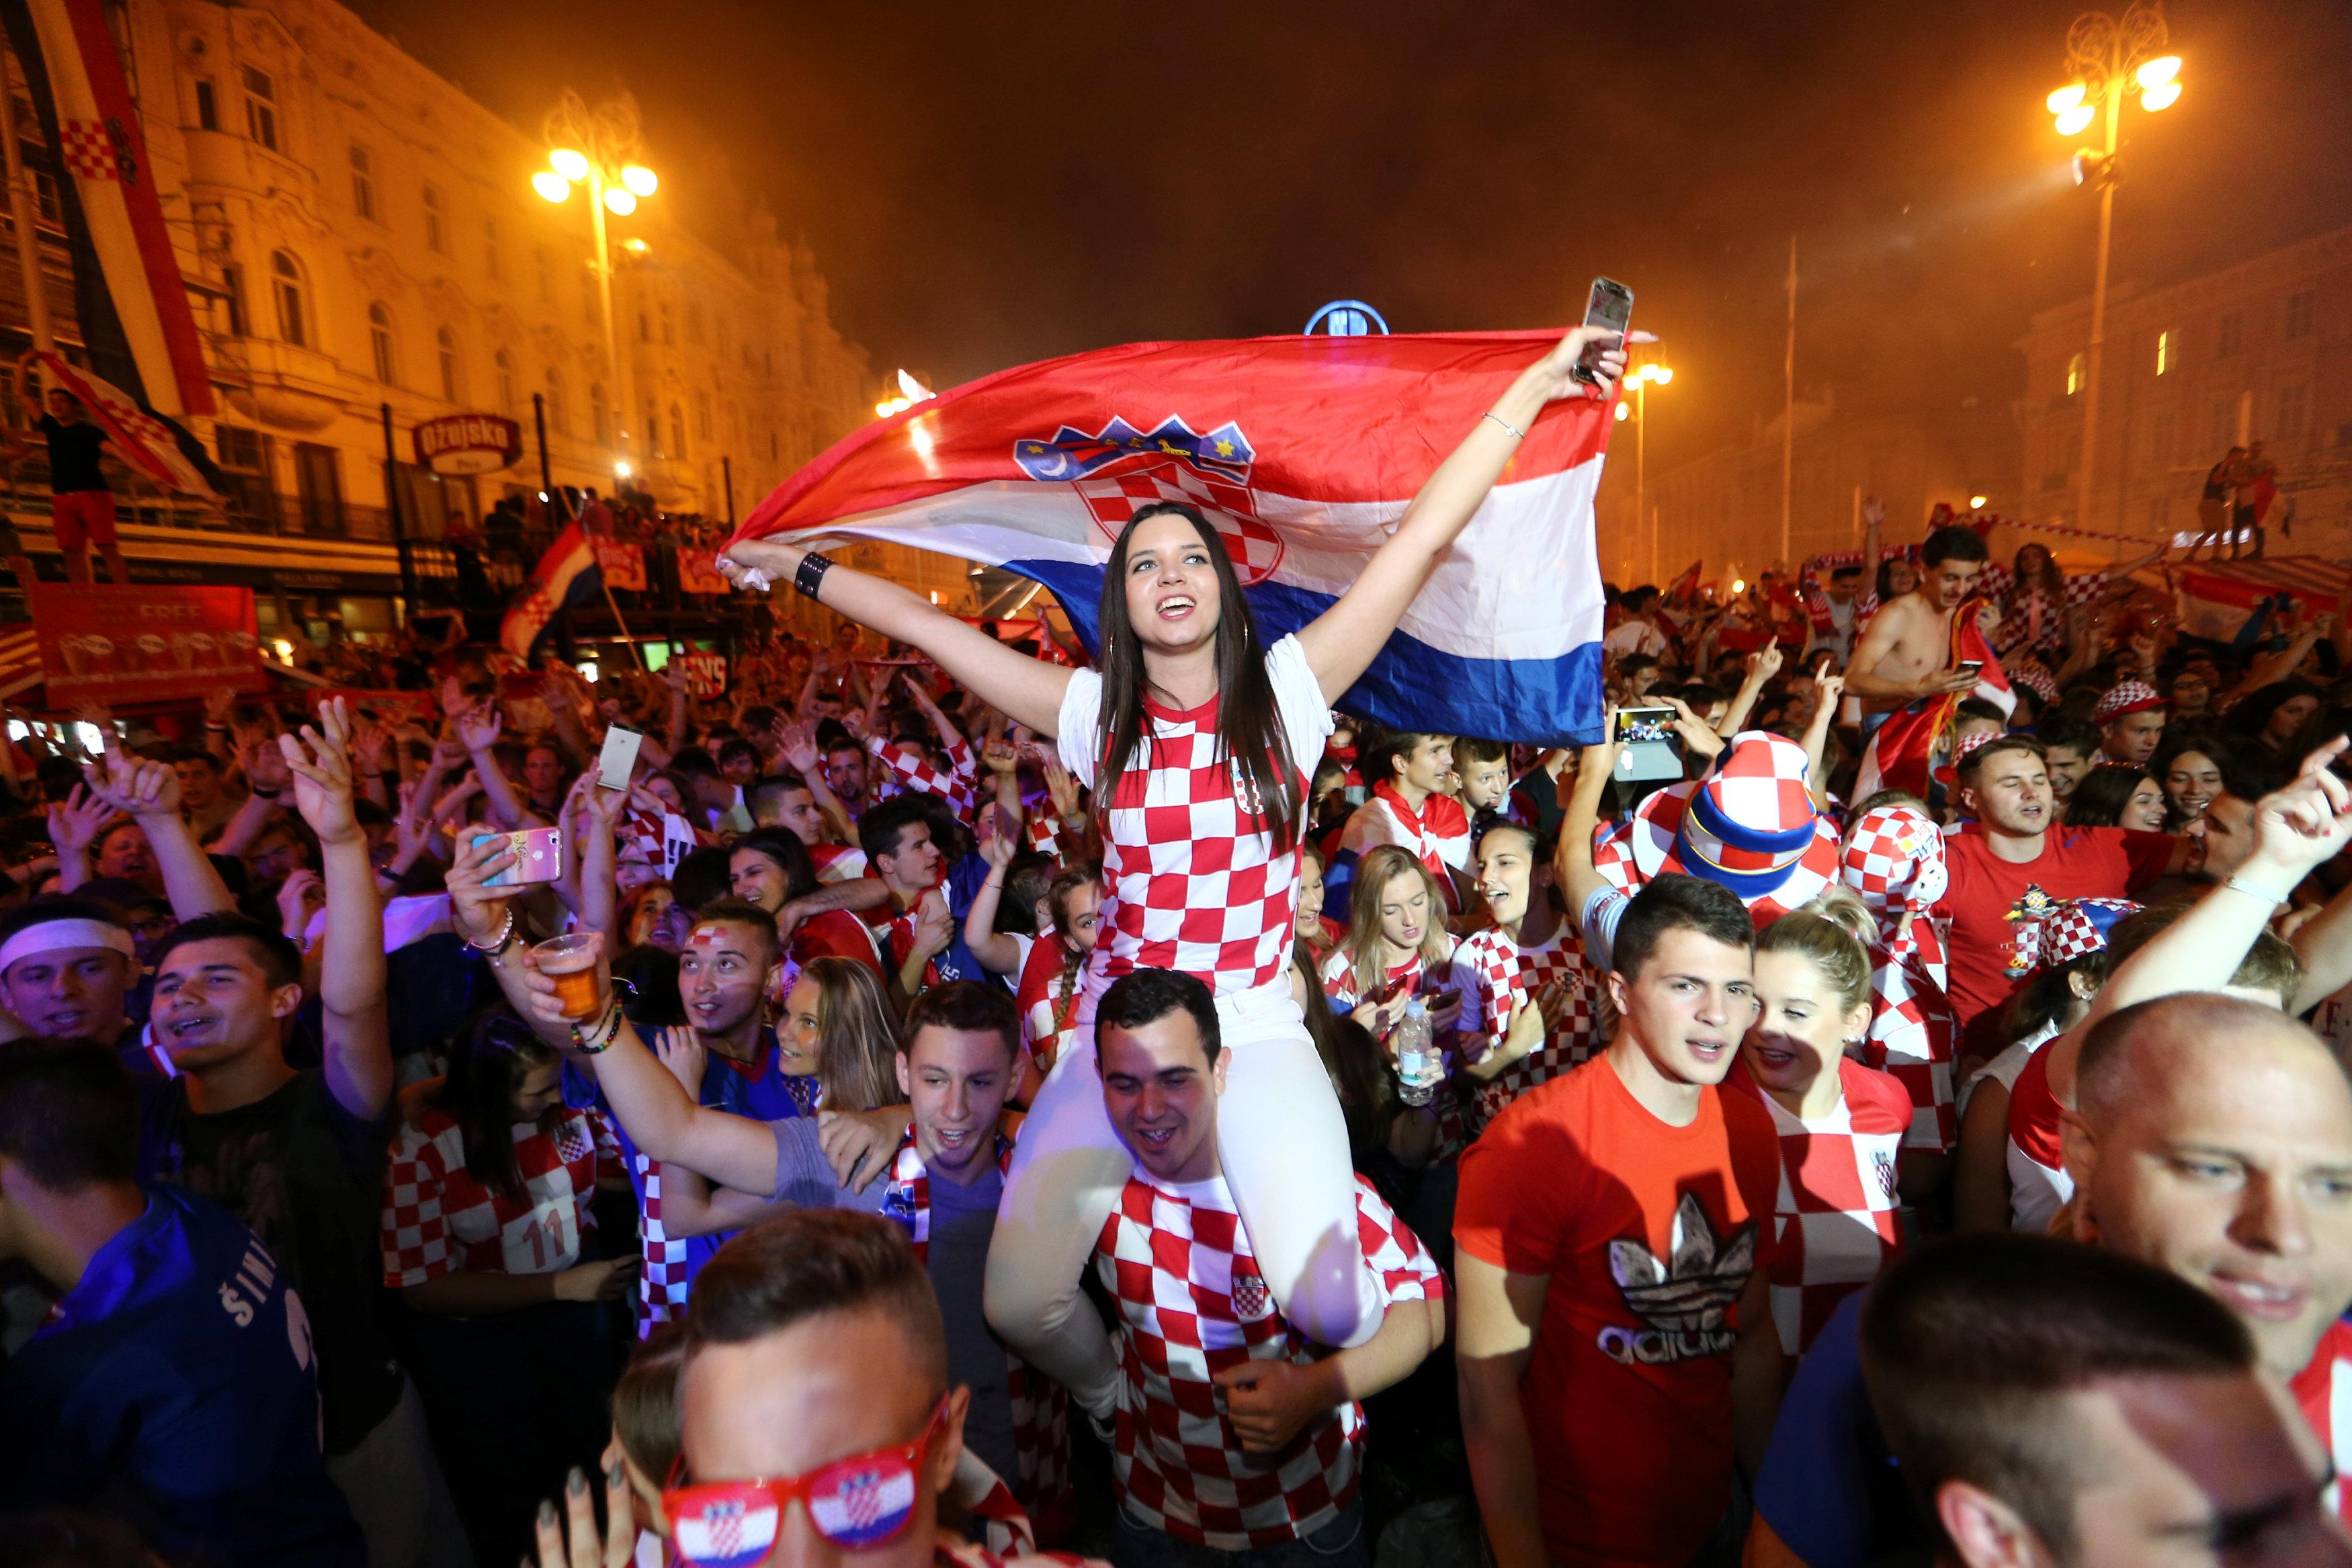 احتفالات منتخب كرواتيا بعد التأهل لنصف نهائي مونديال 2018 (6)